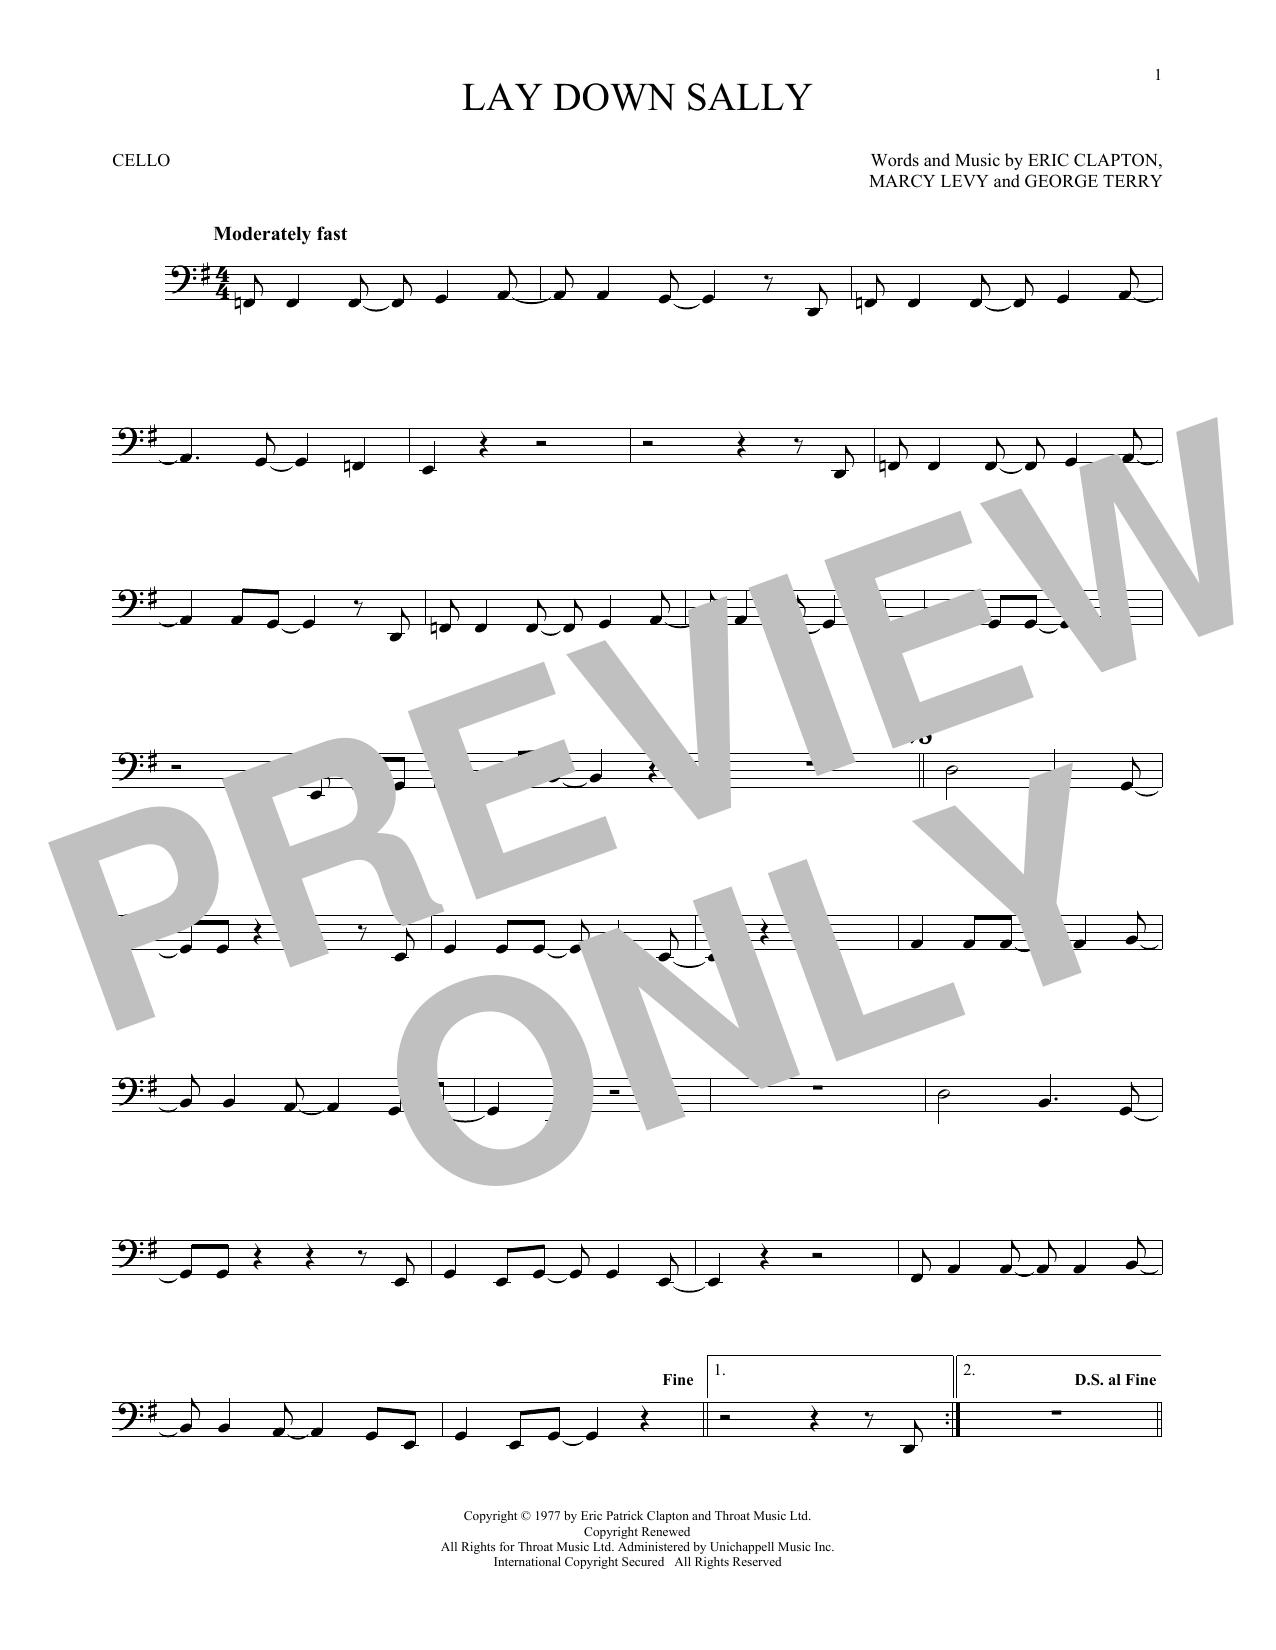 Lay Down Sally (Cello Solo)